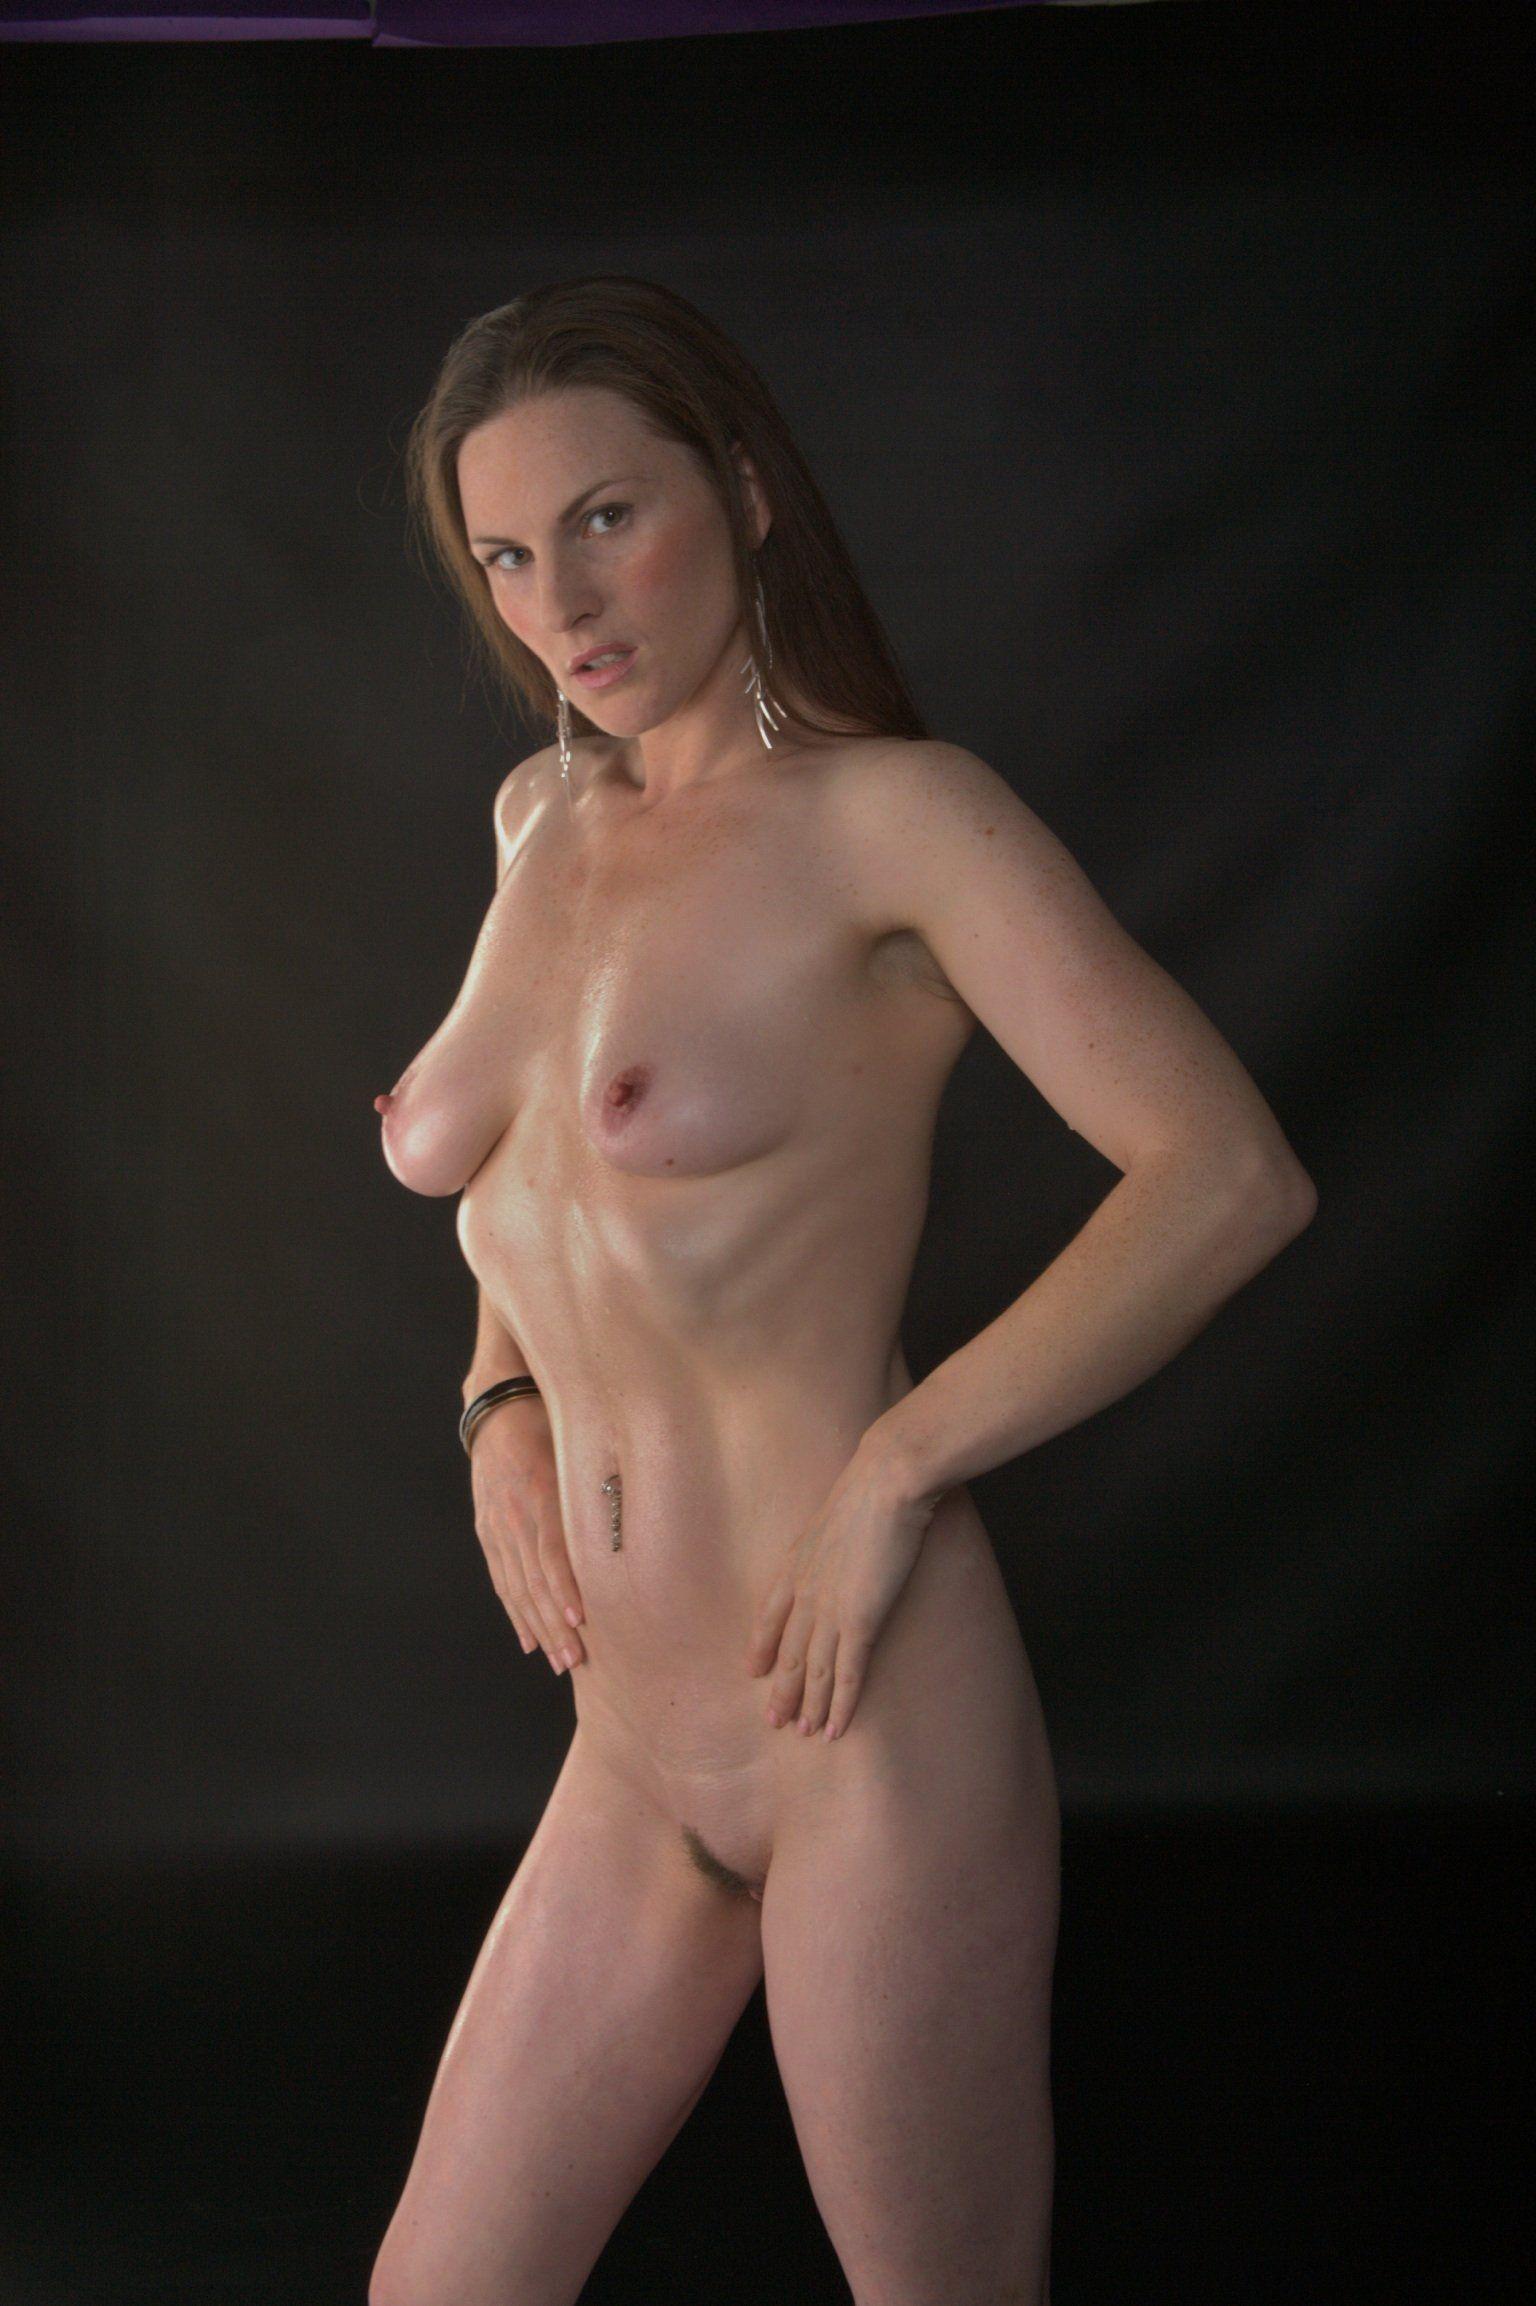 Ude slut pics . New porn. Comments: 1